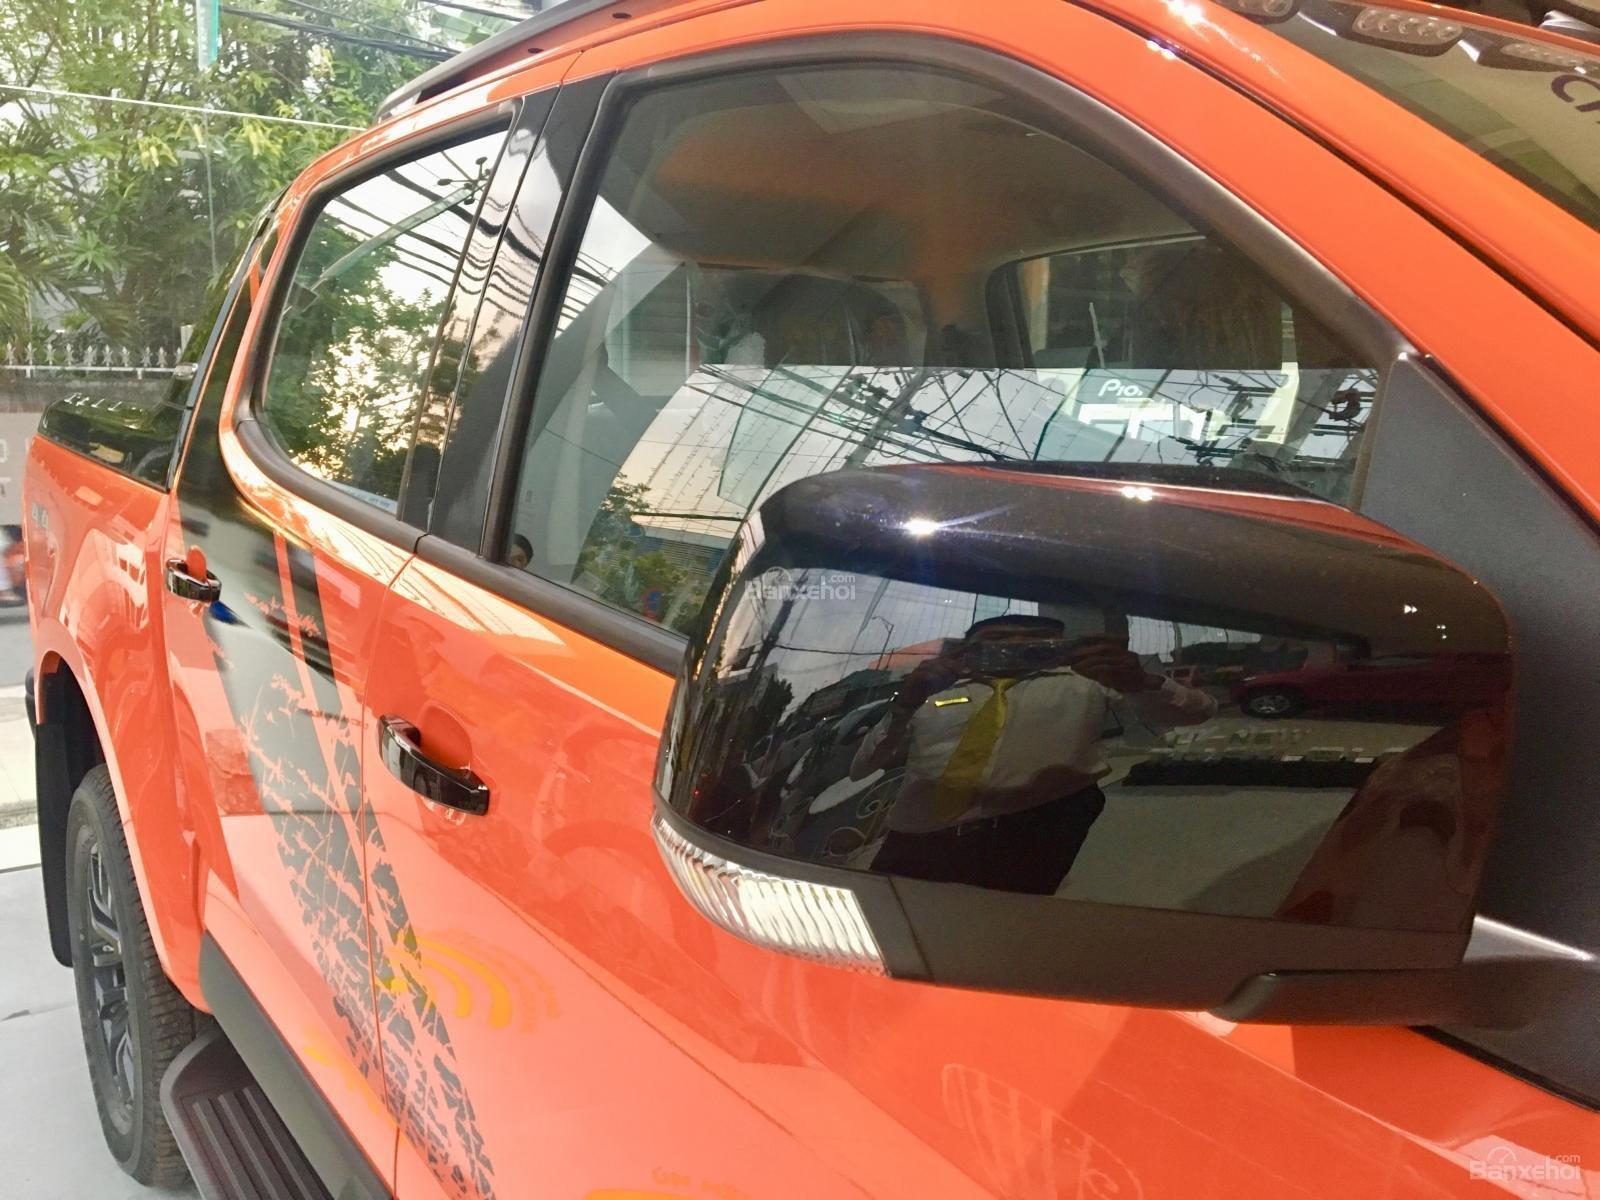 Giá xe Colorado Storm - Phiên bản đặc biệt màu cam - Tặng phụ kiện + giảm giá-5